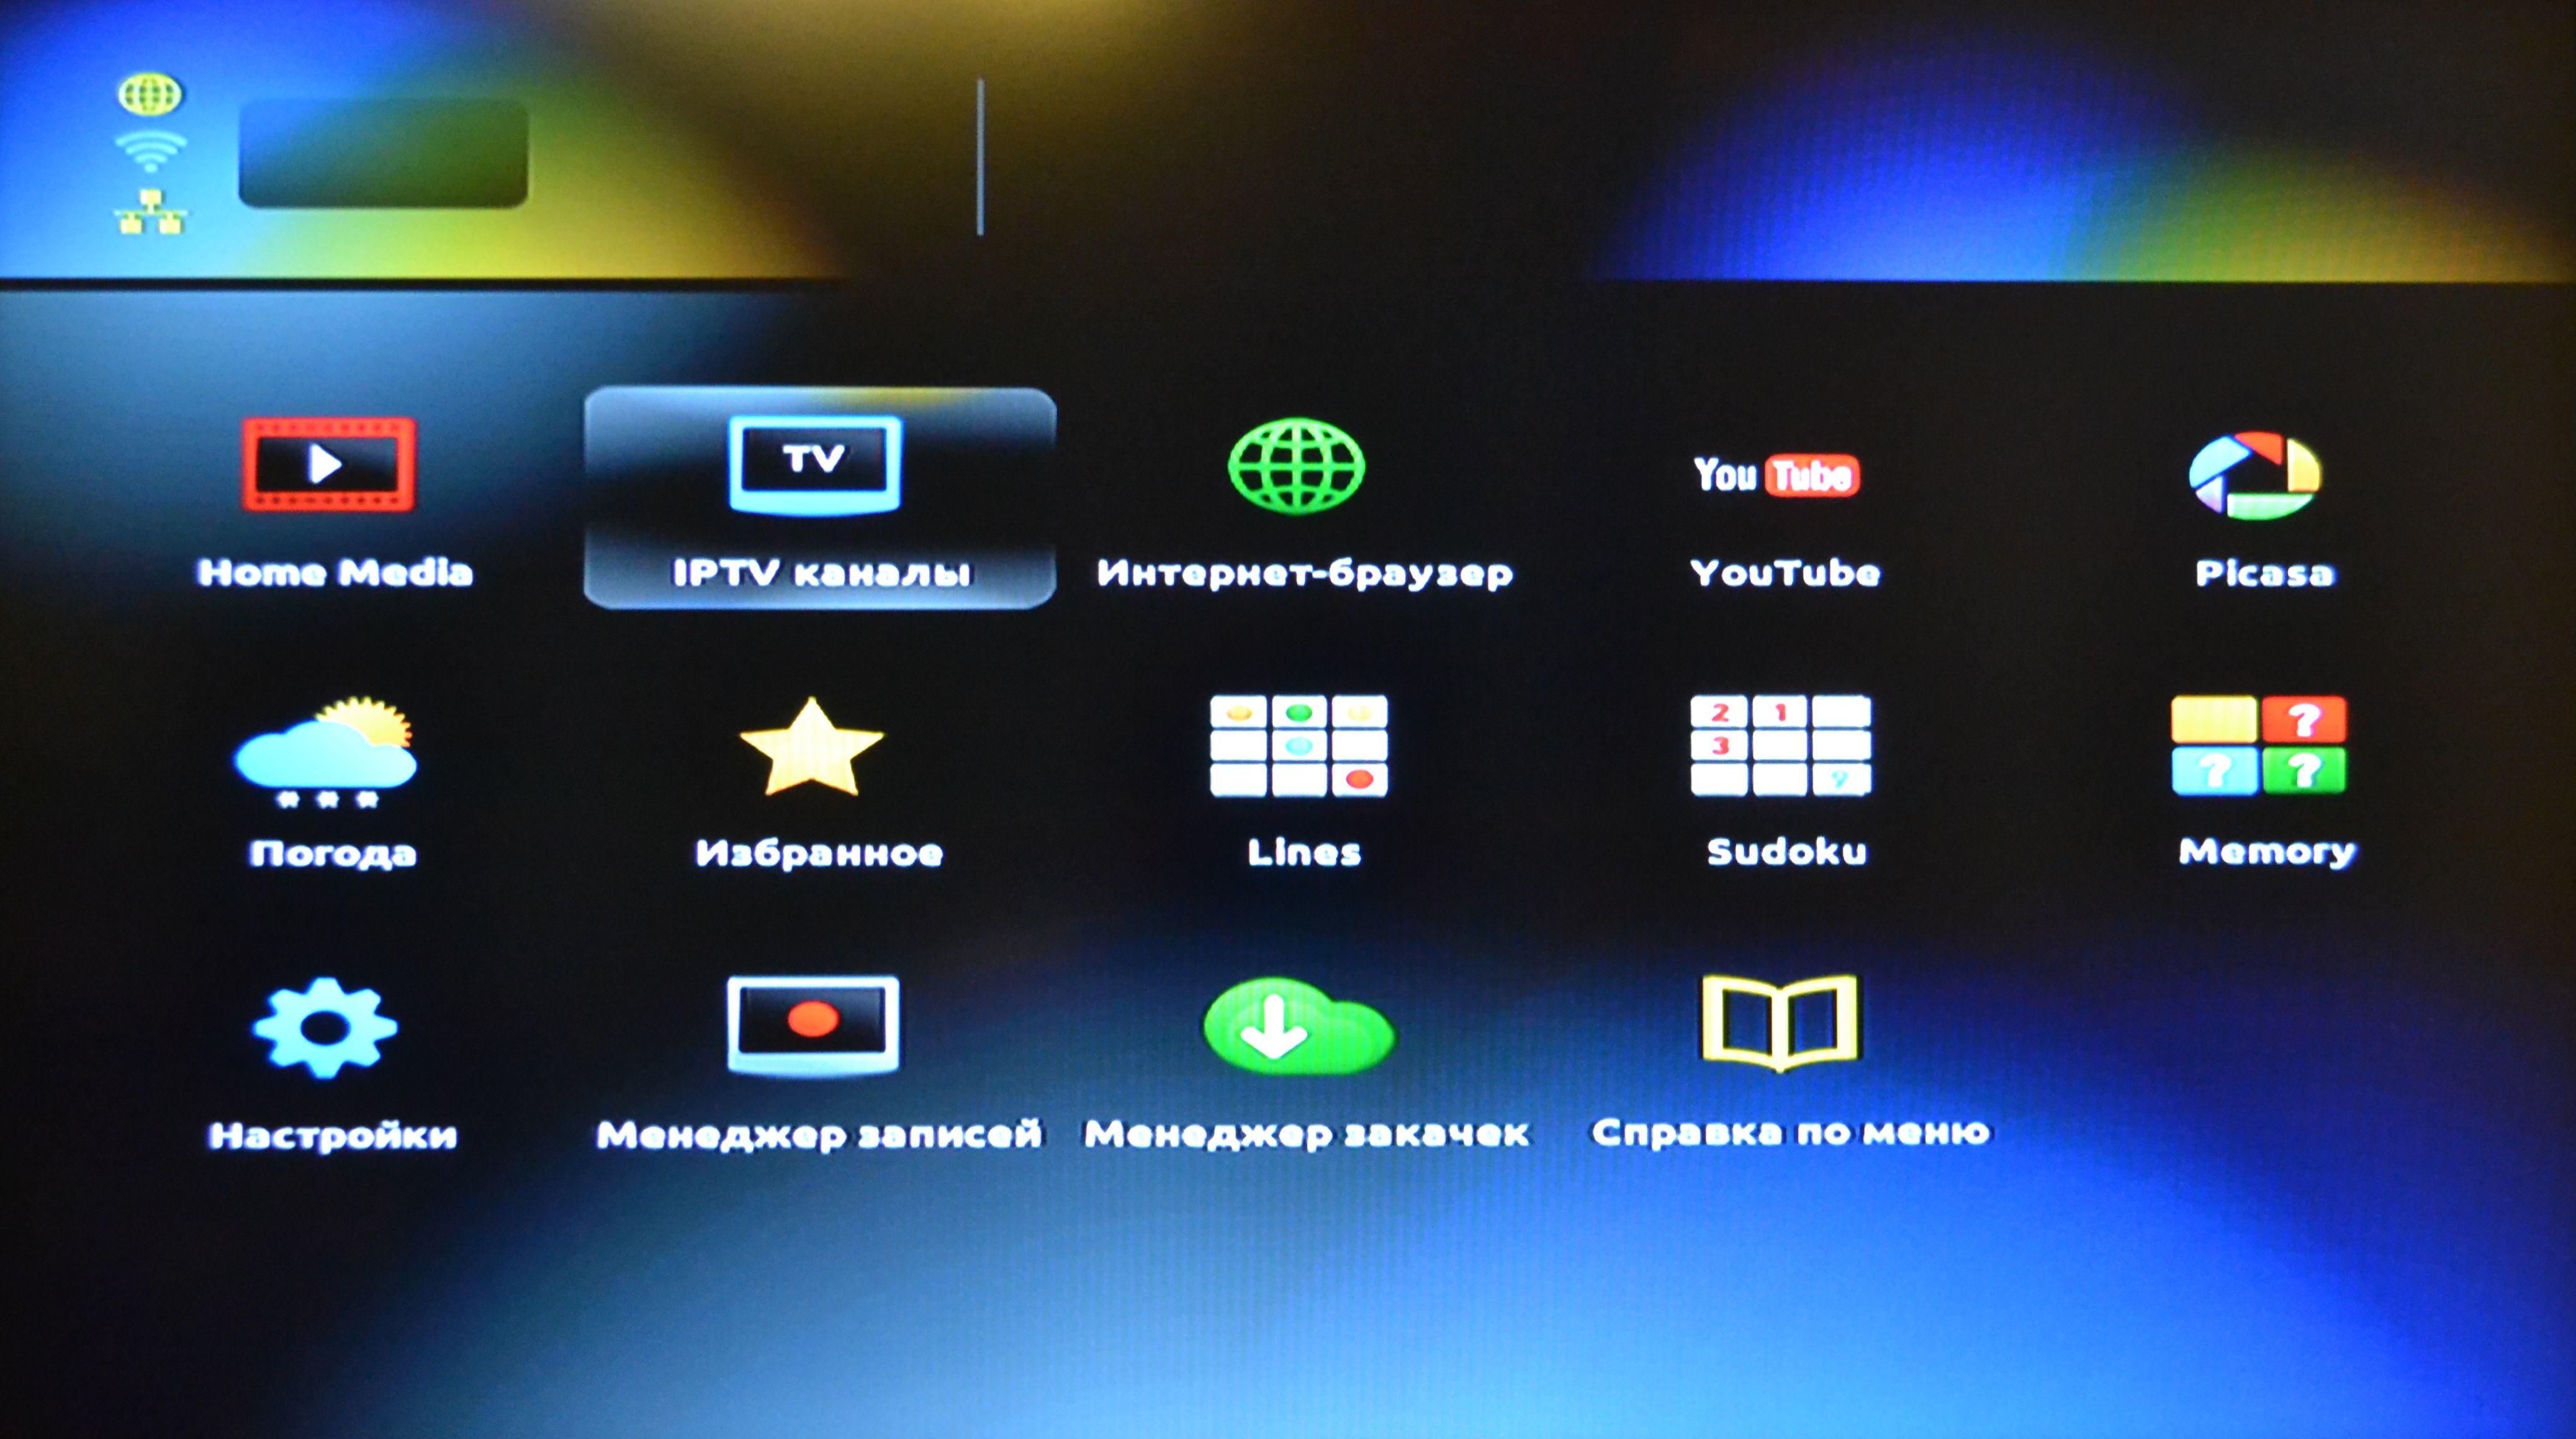 иконки каналов: